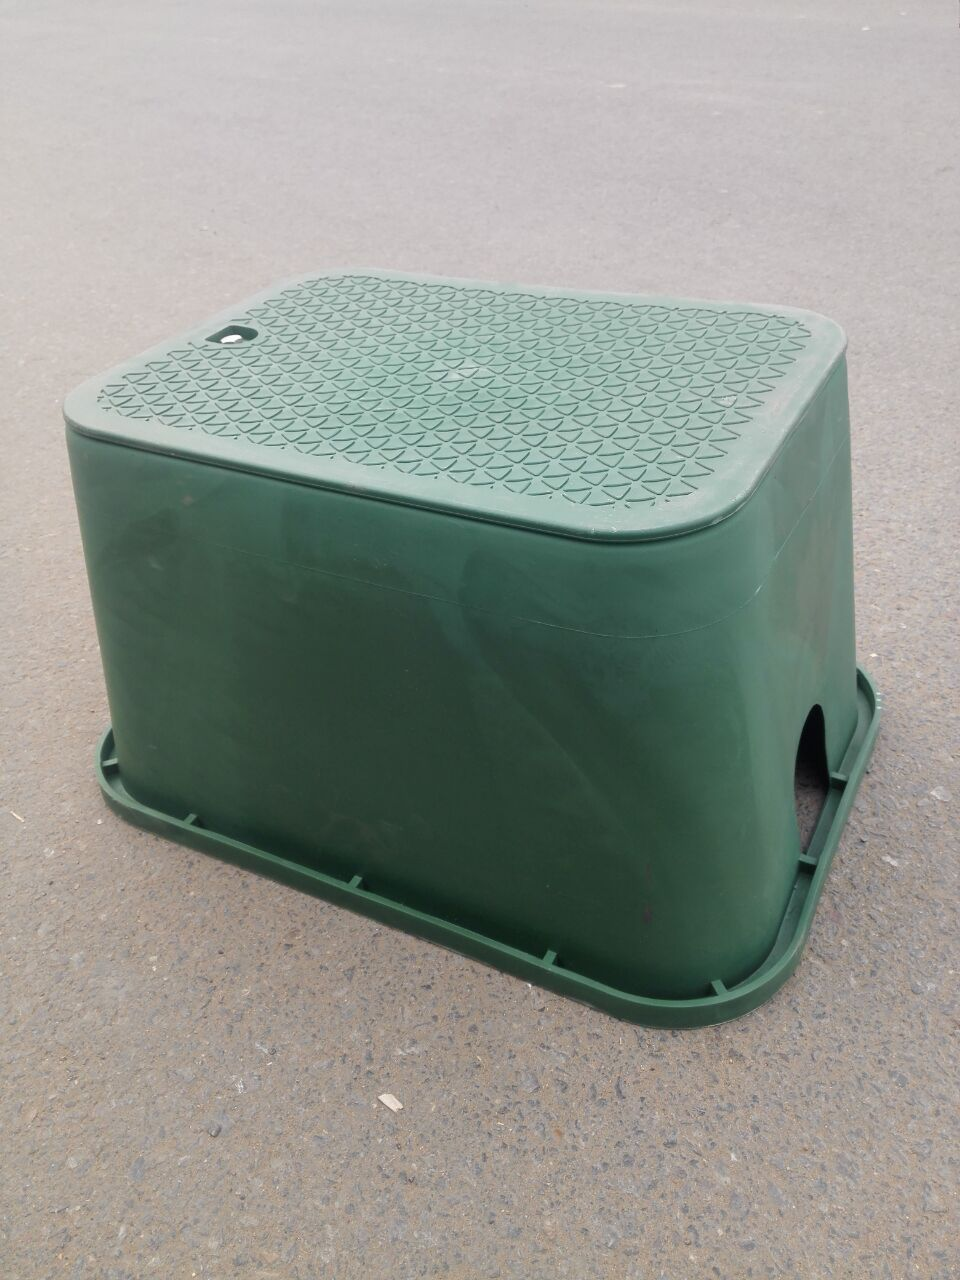 Fullsize Of Sprinkler Valve Box